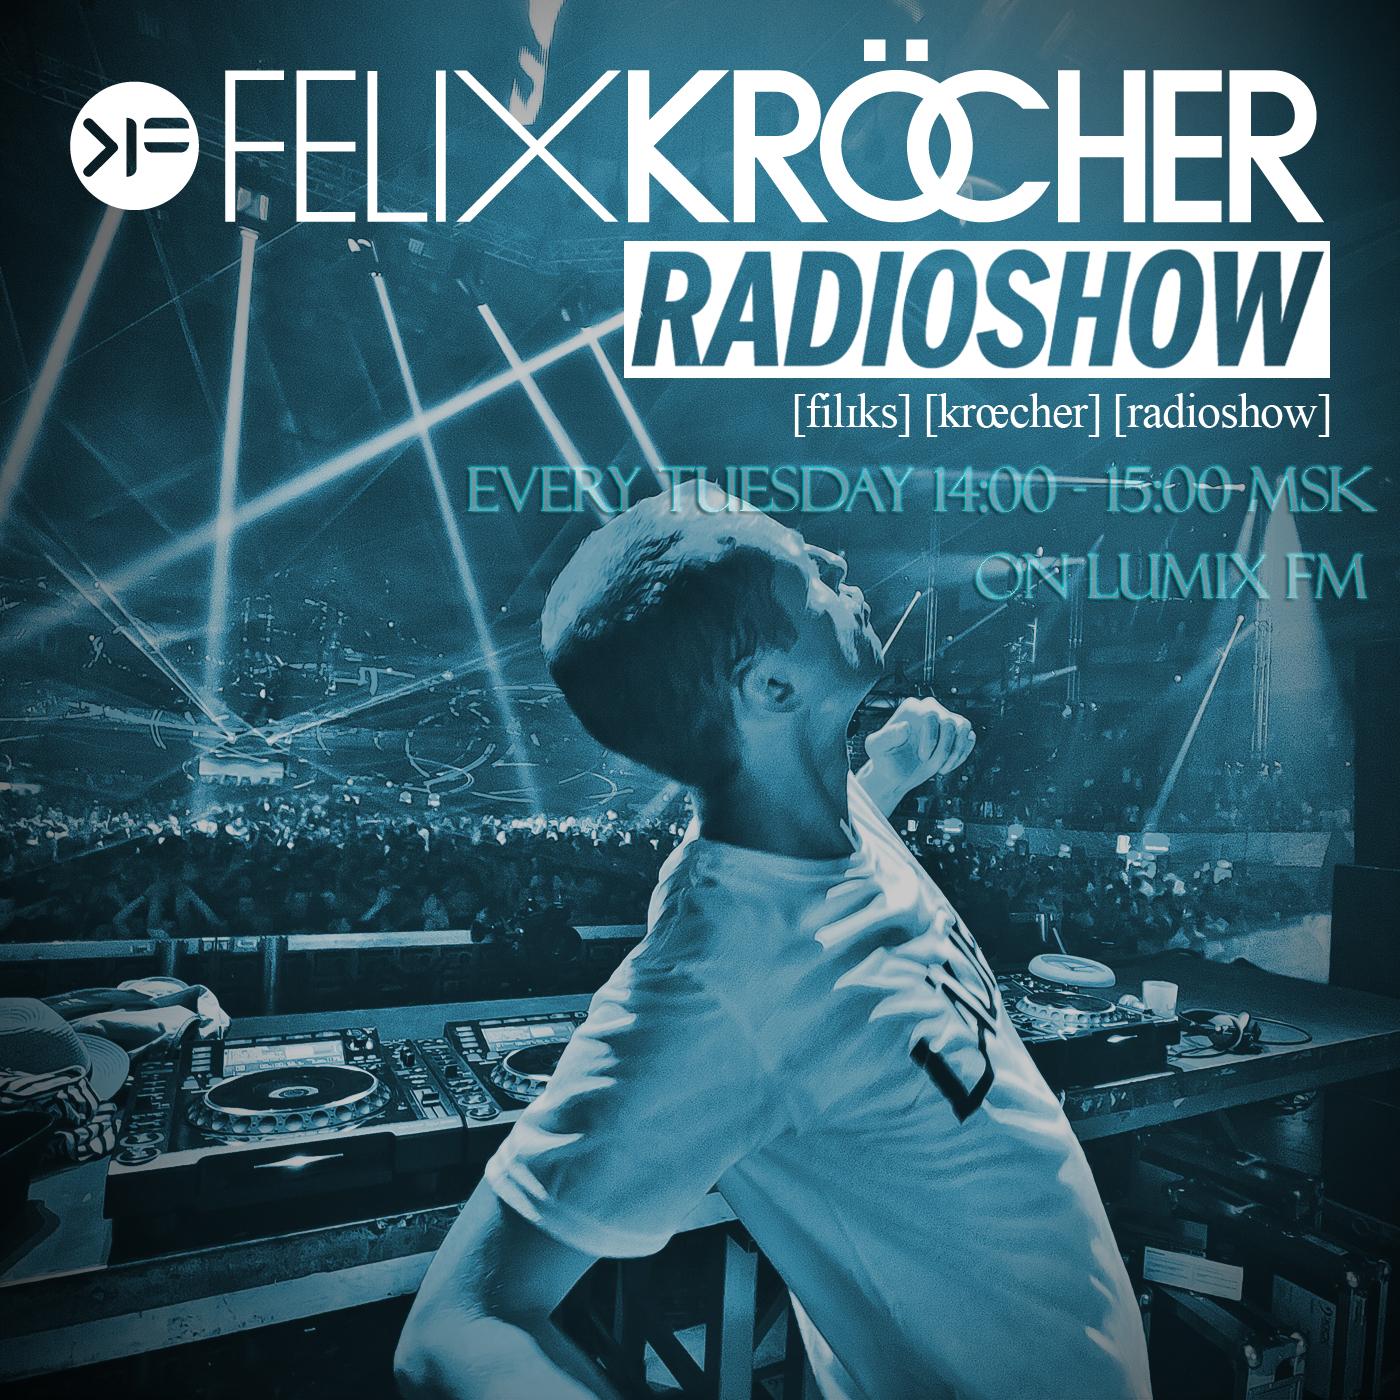 Felix Krocher — Felix Krocher Radioshow #233